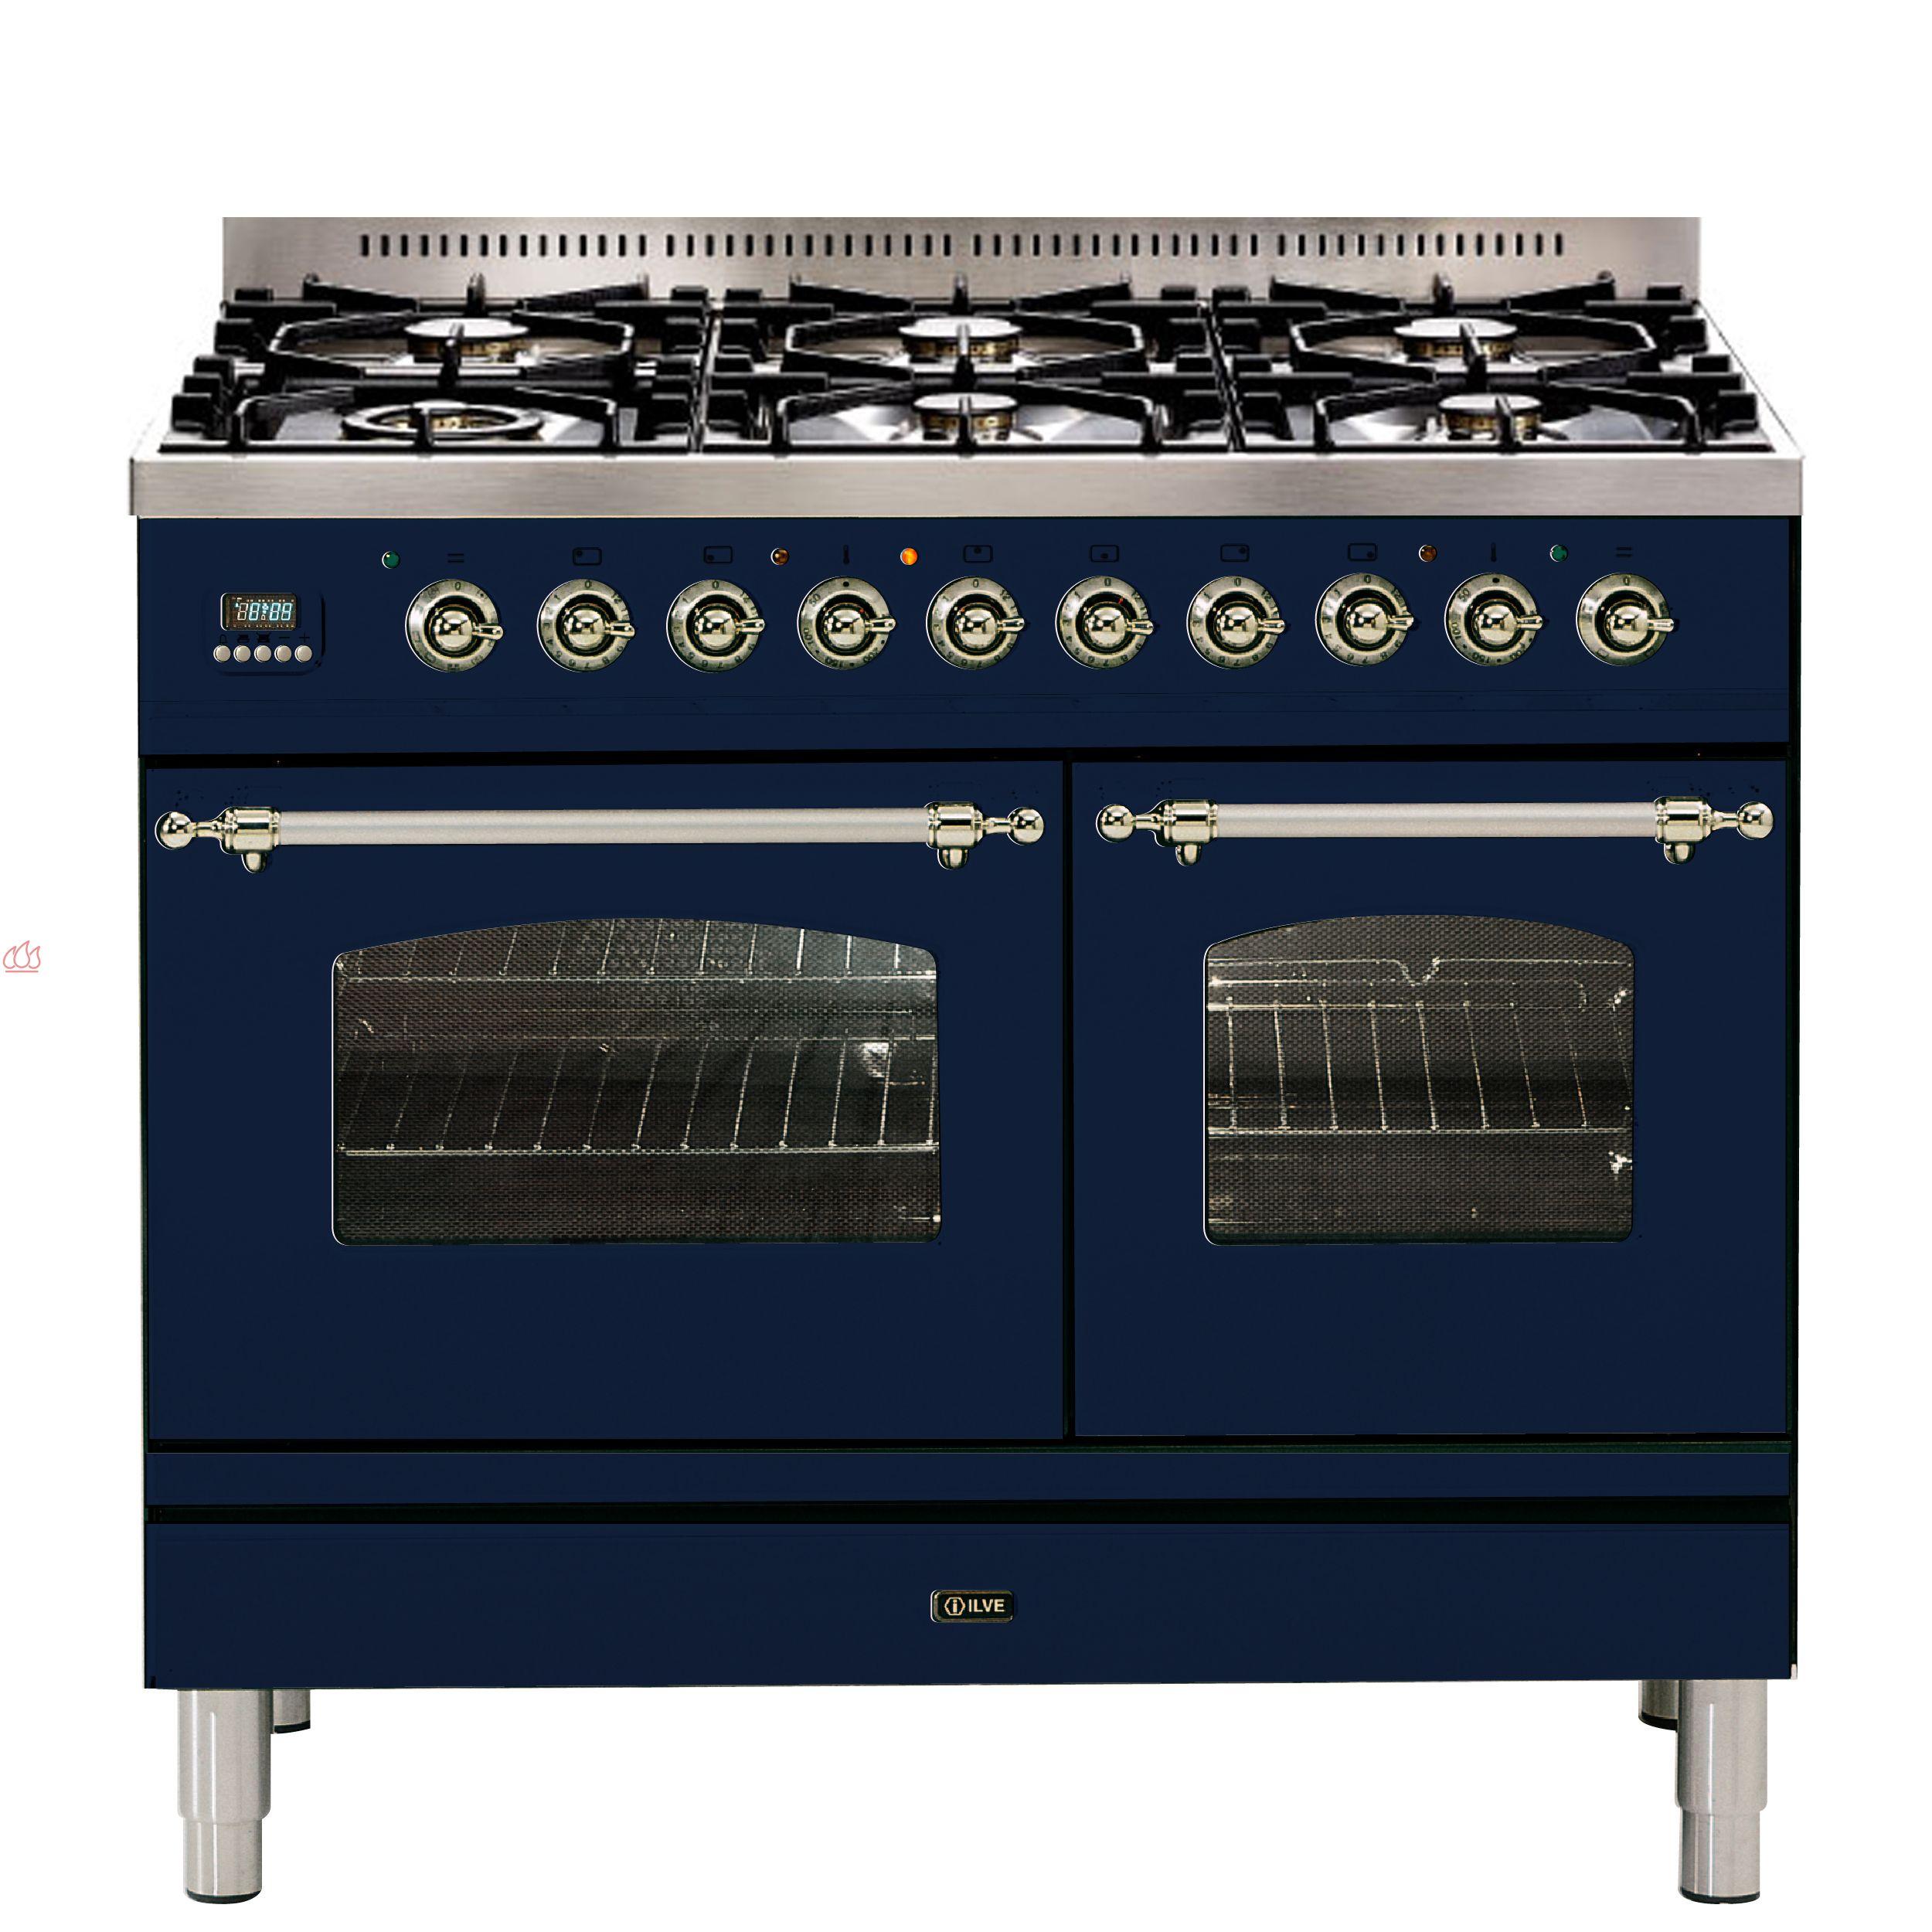 Piano de cuisson 100cm avec 2 fours table de cuisson personnalisable avec t - Piano de cuisson 3 fours ...